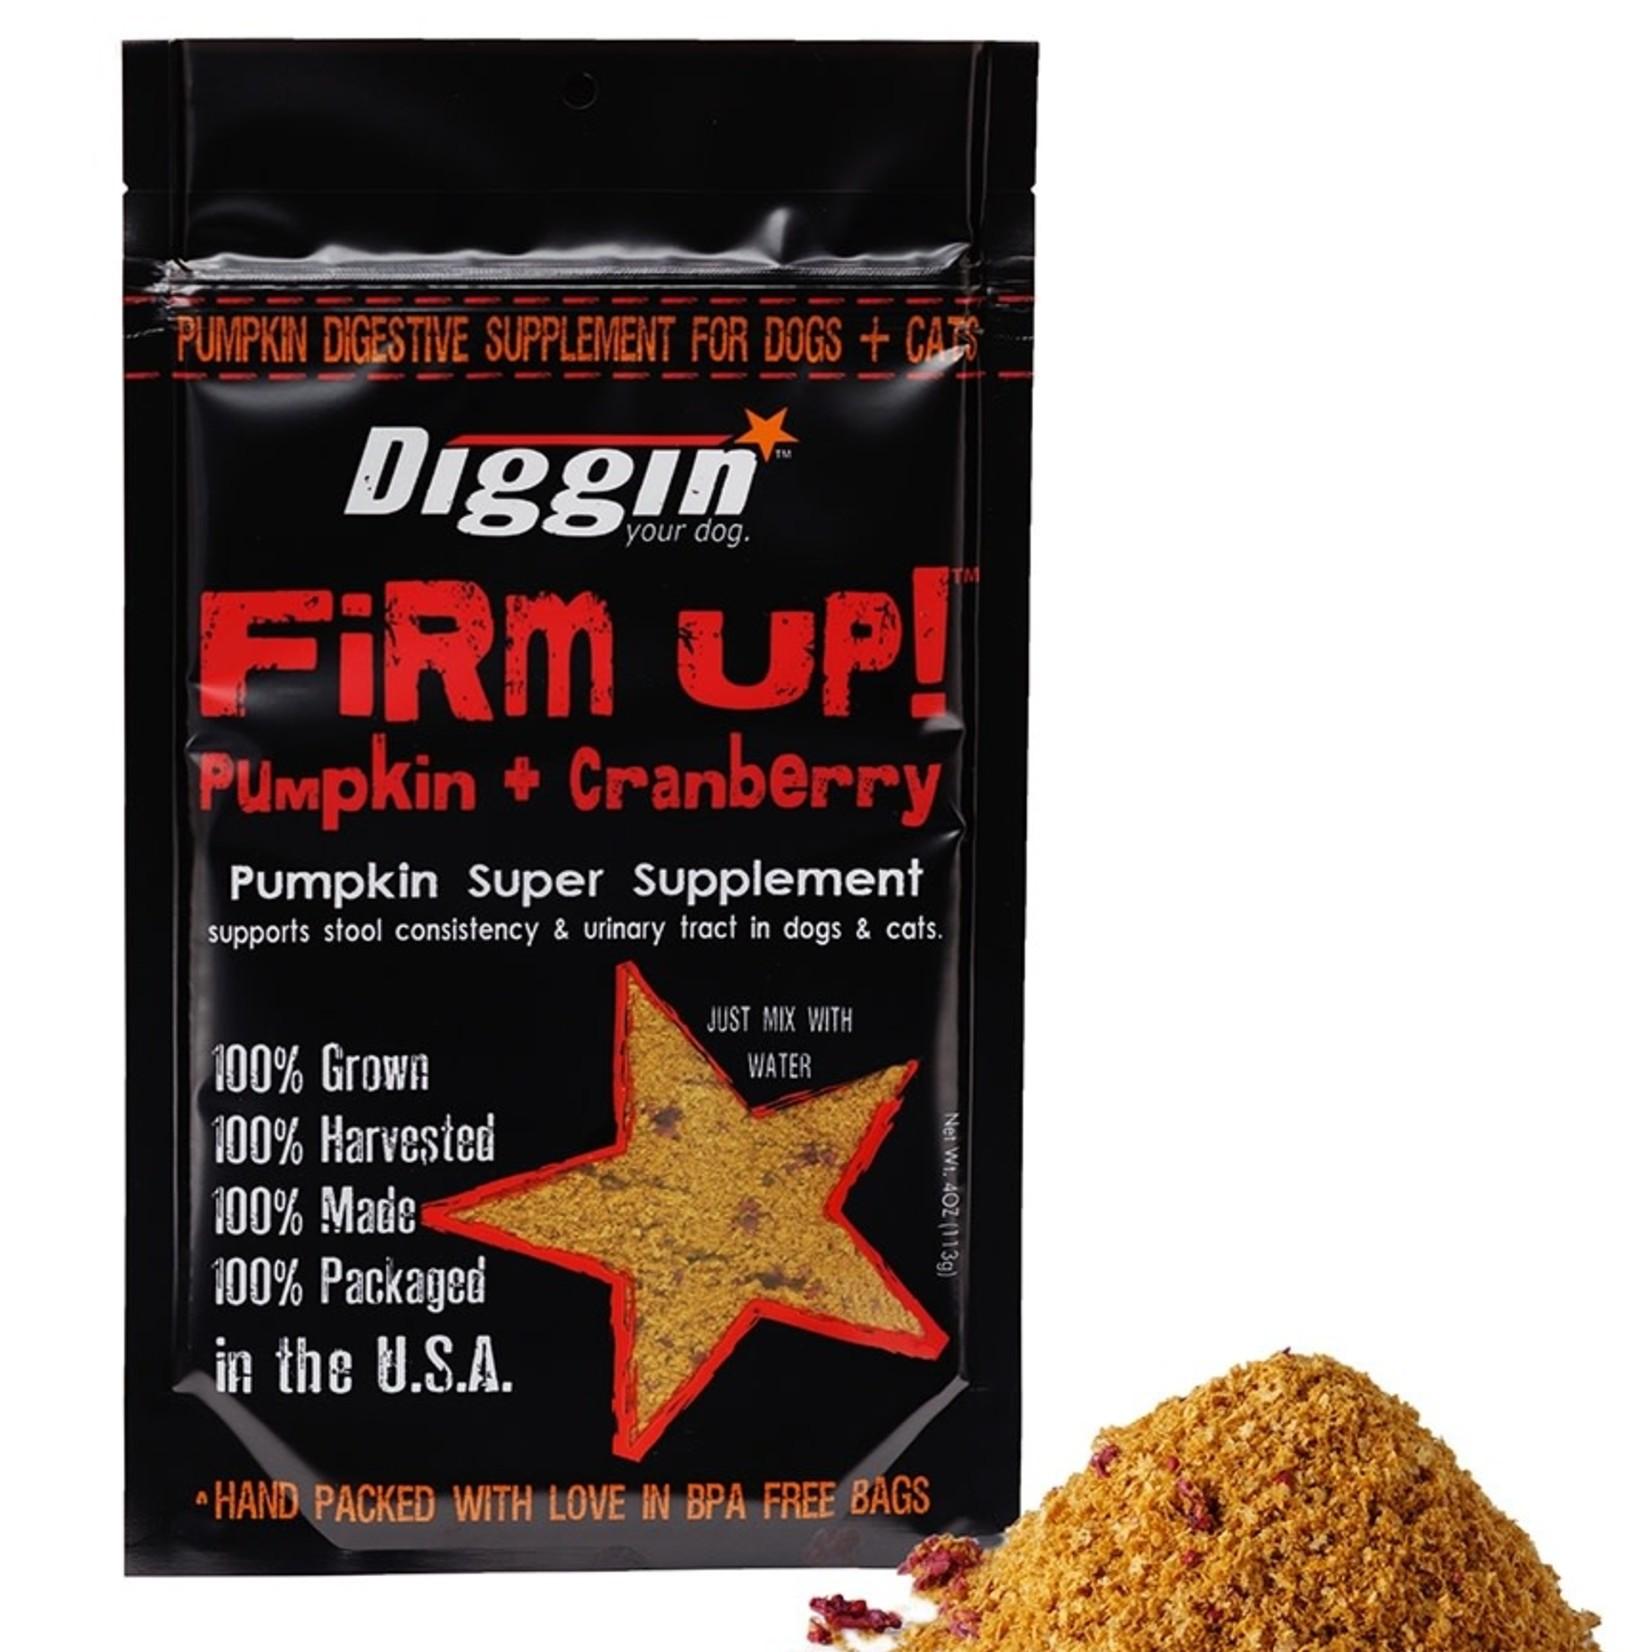 Diggin' / Super Snouts Super Snouts Diggin Firm Up + Cranberry 4 OZ